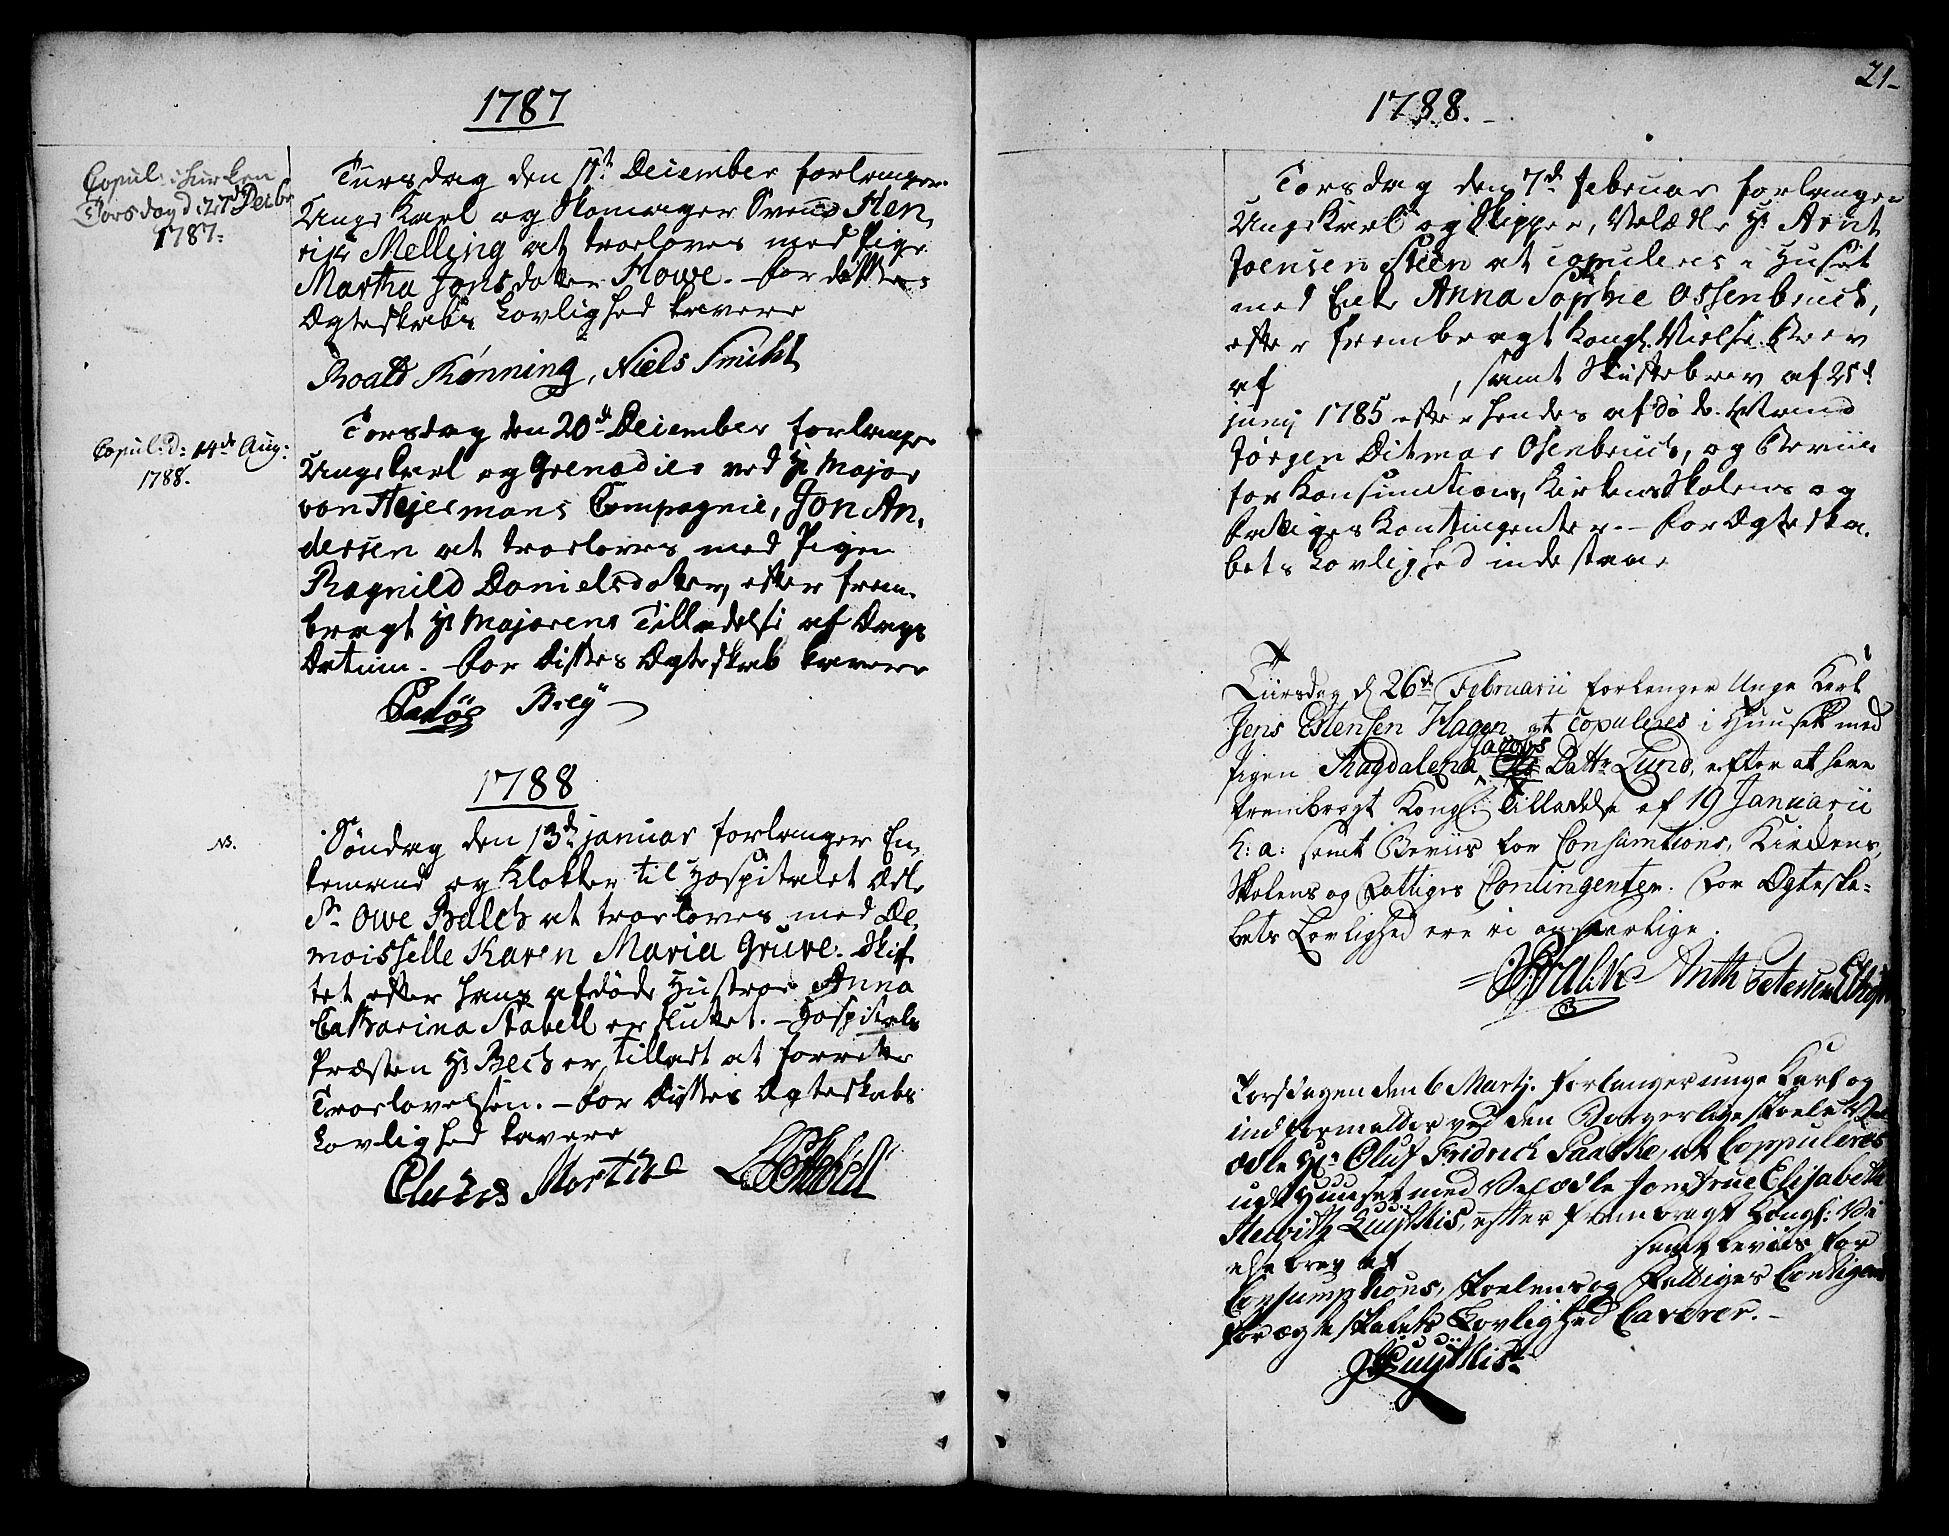 SAT, Ministerialprotokoller, klokkerbøker og fødselsregistre - Sør-Trøndelag, 601/L0041: Ministerialbok nr. 601A09, 1784-1801, s. 21